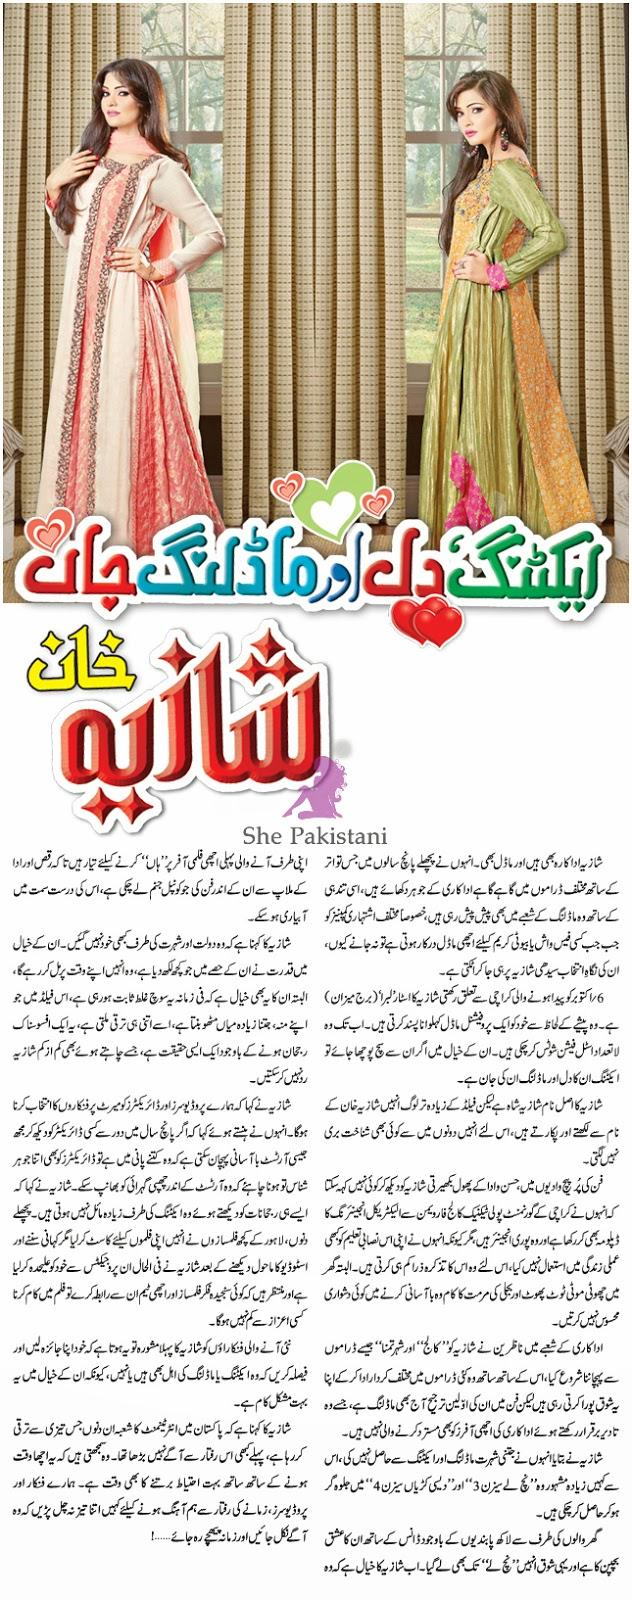 http://shepakistani.blogspot.com/